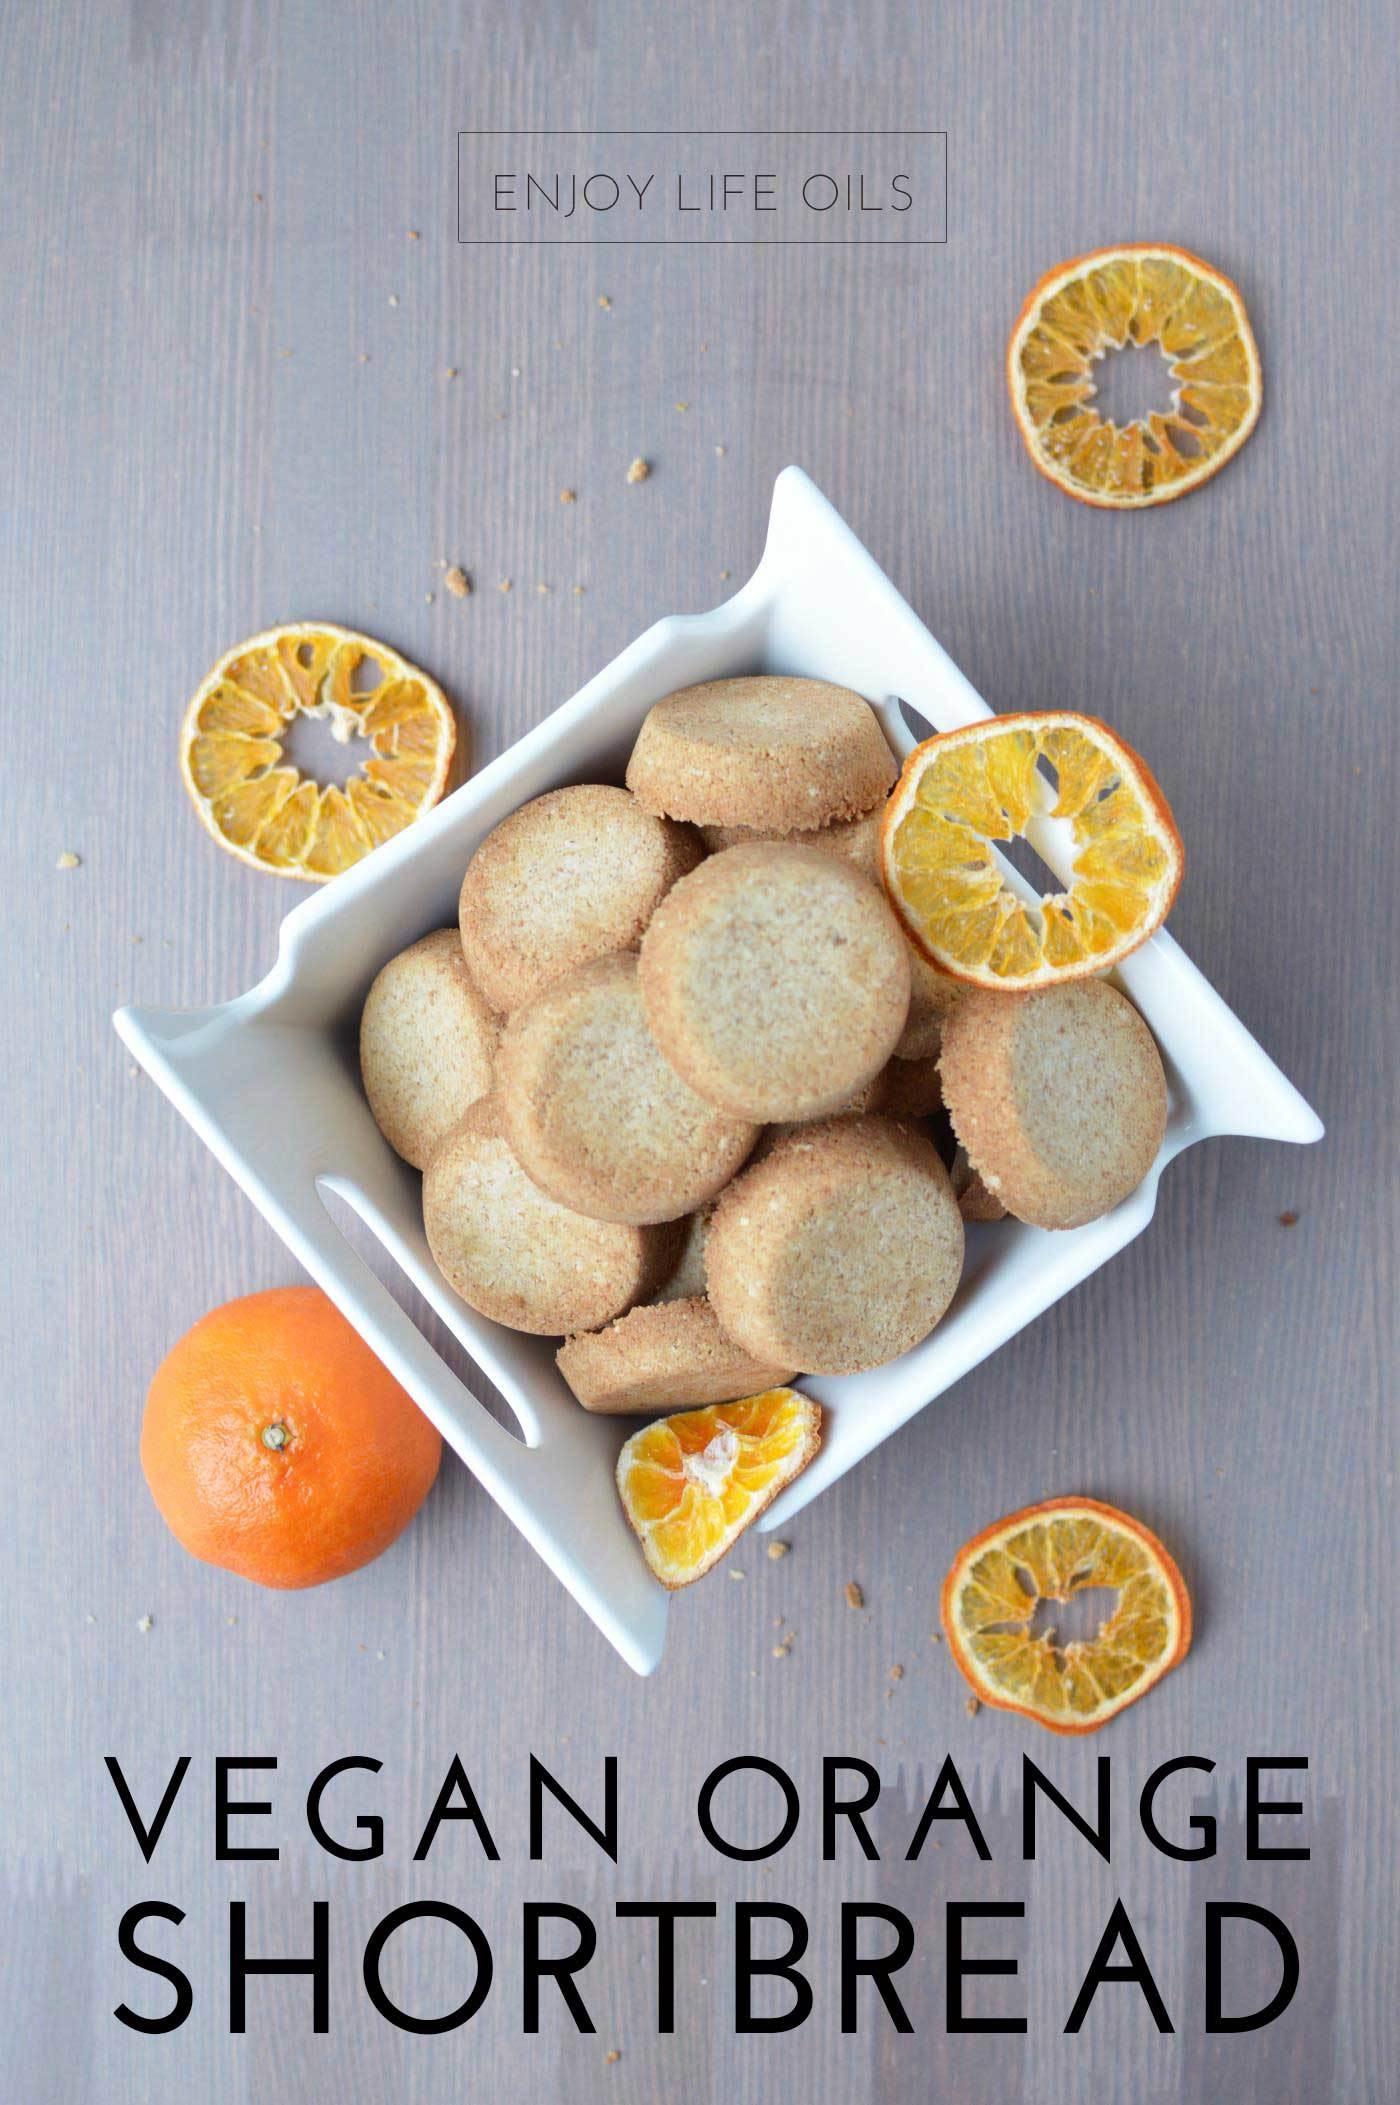 vegan orange shortbread recipe with orange essential oils via @skimbaco